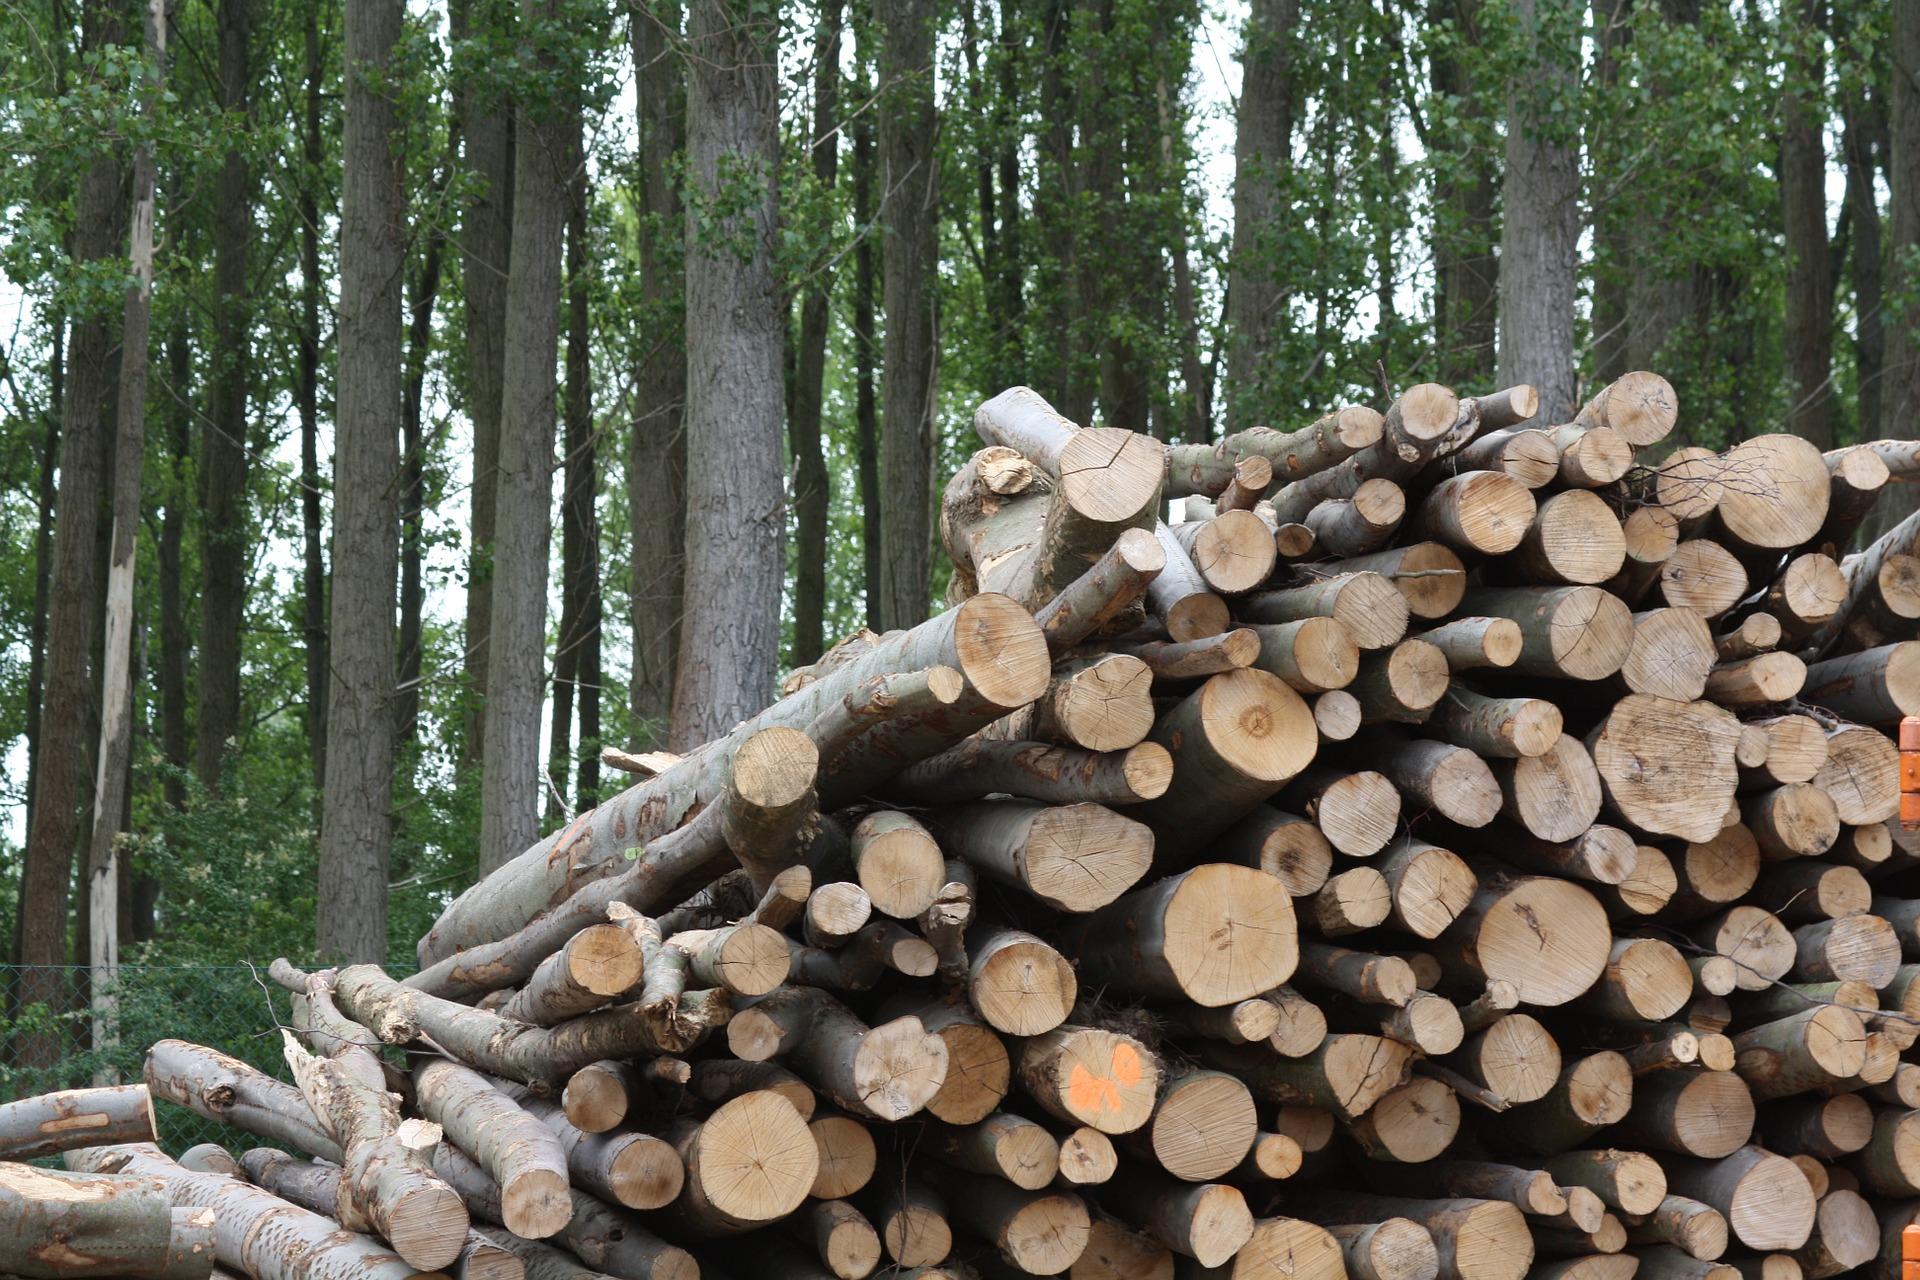 Nafarroako biomasa energia jasangarri bezala erabiltzeko proposamena